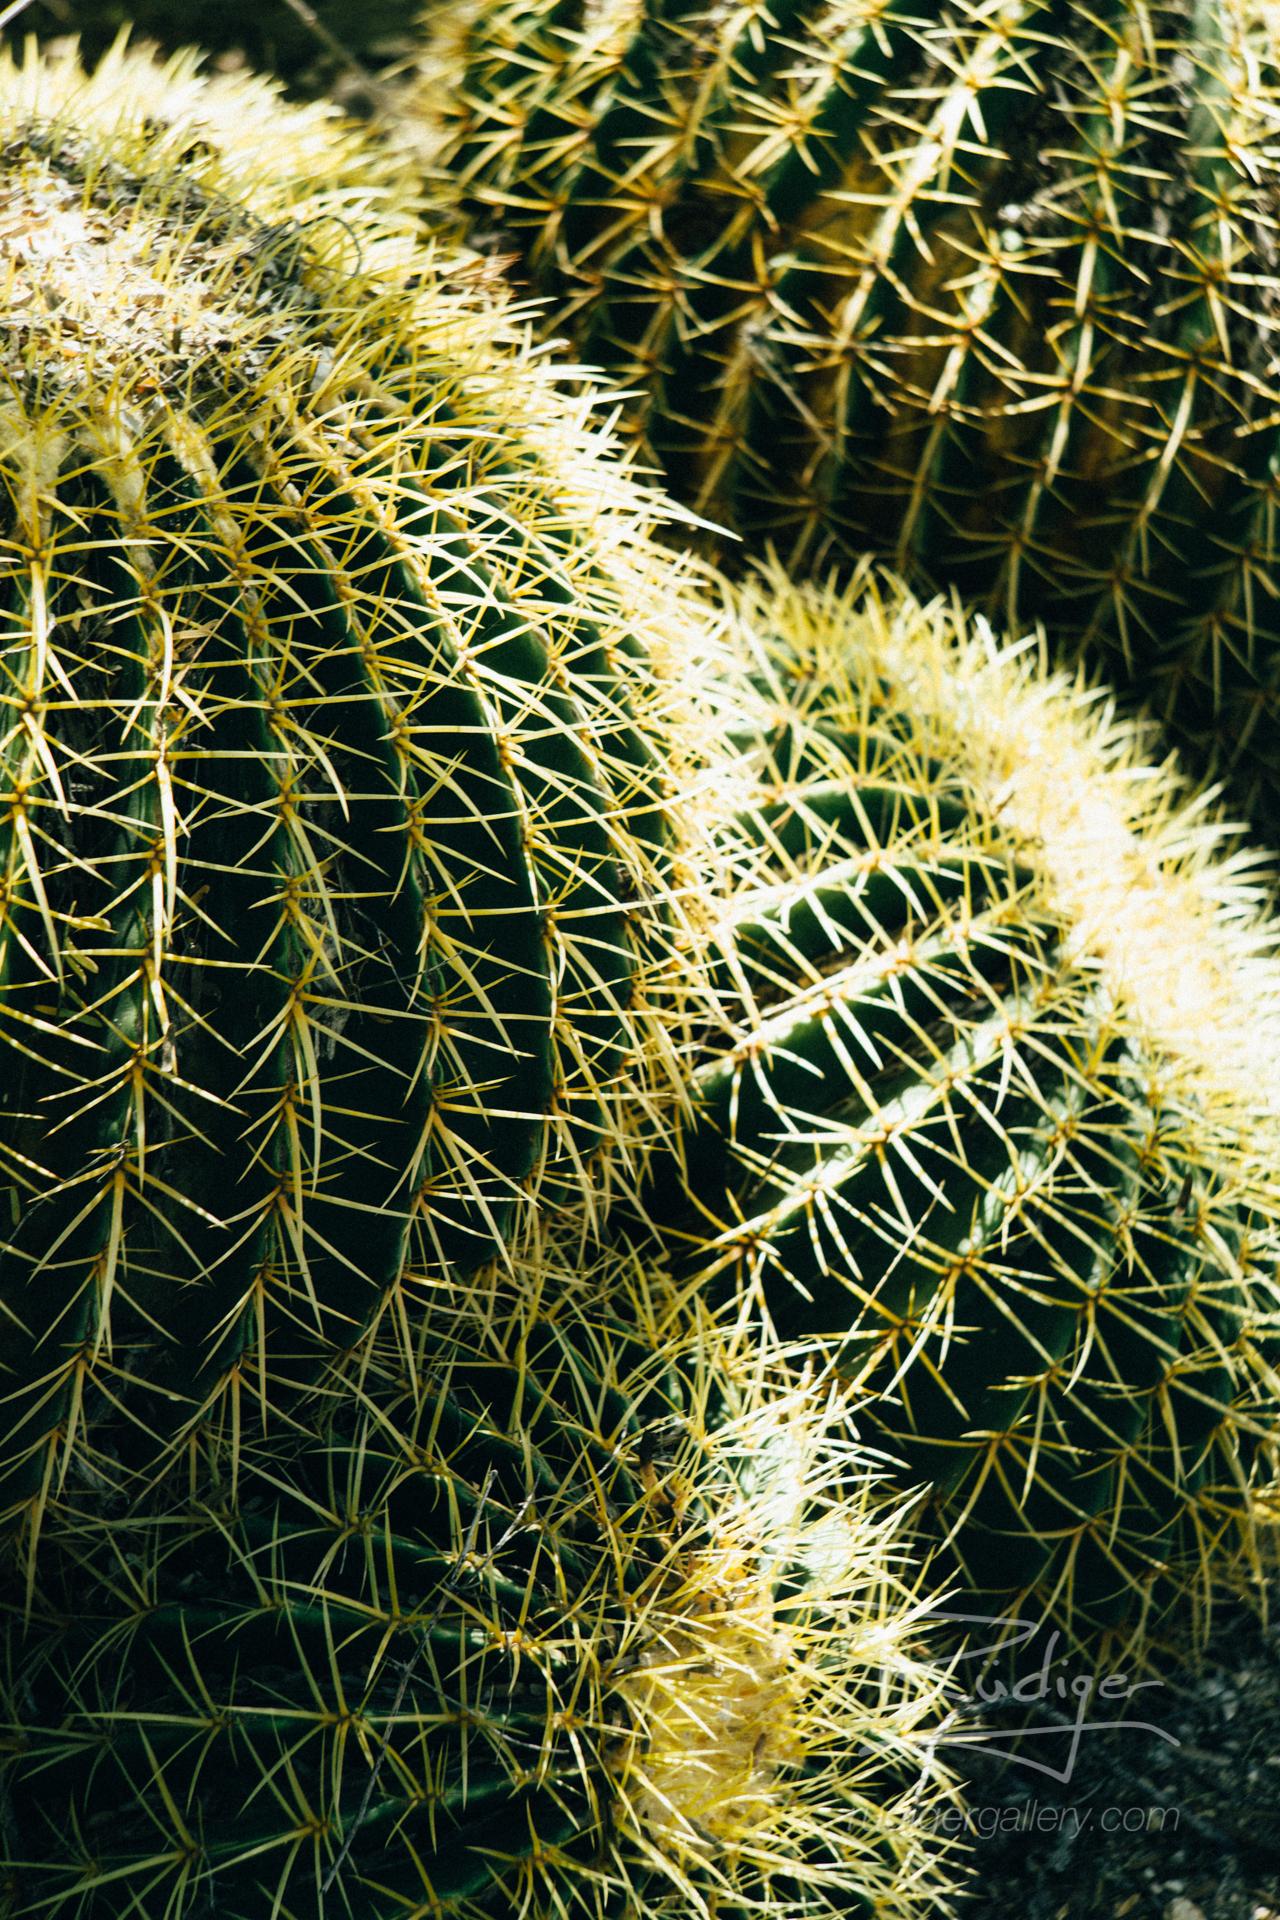 Rudiger-Poe-201728-Desert-Flora-441-2-1920.jpg